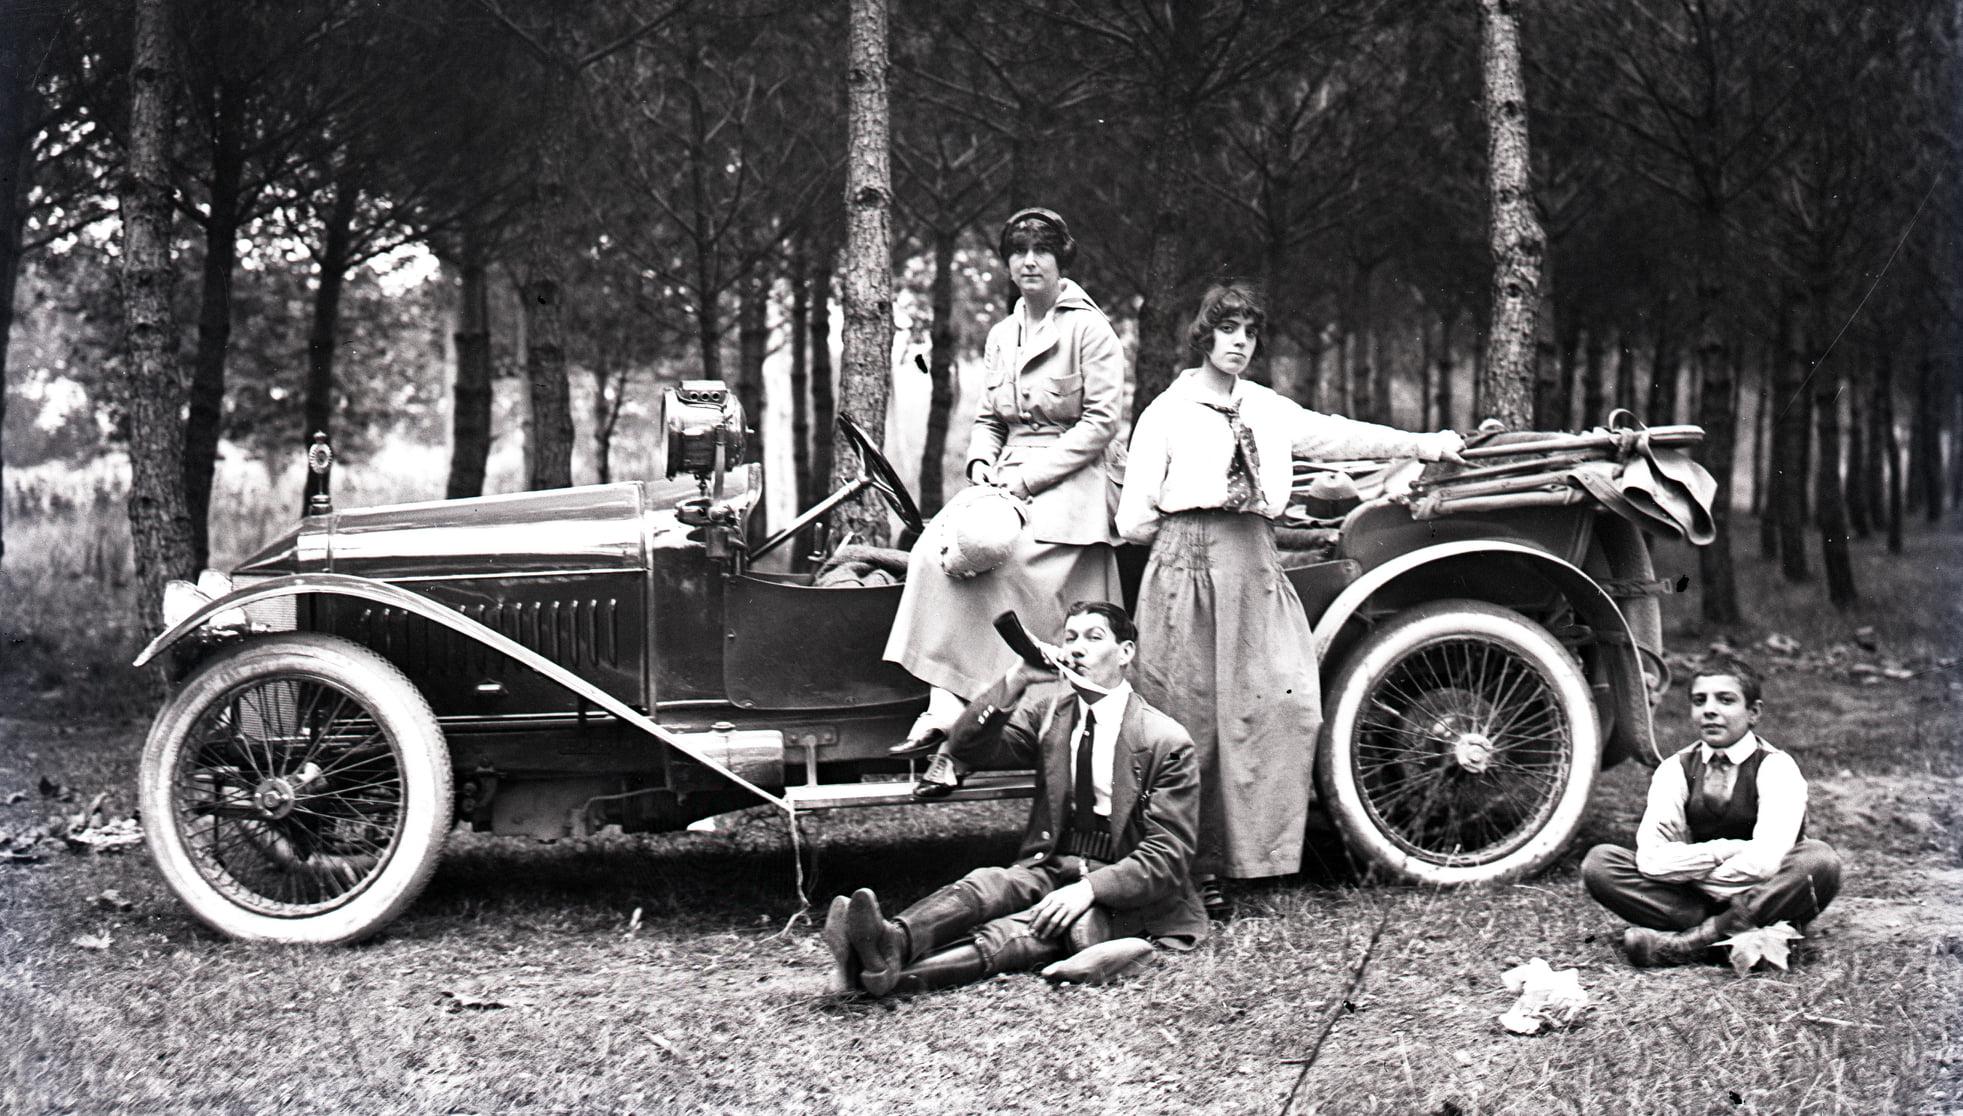 Hispano-Suiza-----Alphonso-XIII-was-eigendom-van-een-Dr-Carulla-in-Barcelona-en-ze-waren-duidelijk-zeer-toegewijd-aan-fotografie-naast-hun-sportieve-motorcar---1912-(3)